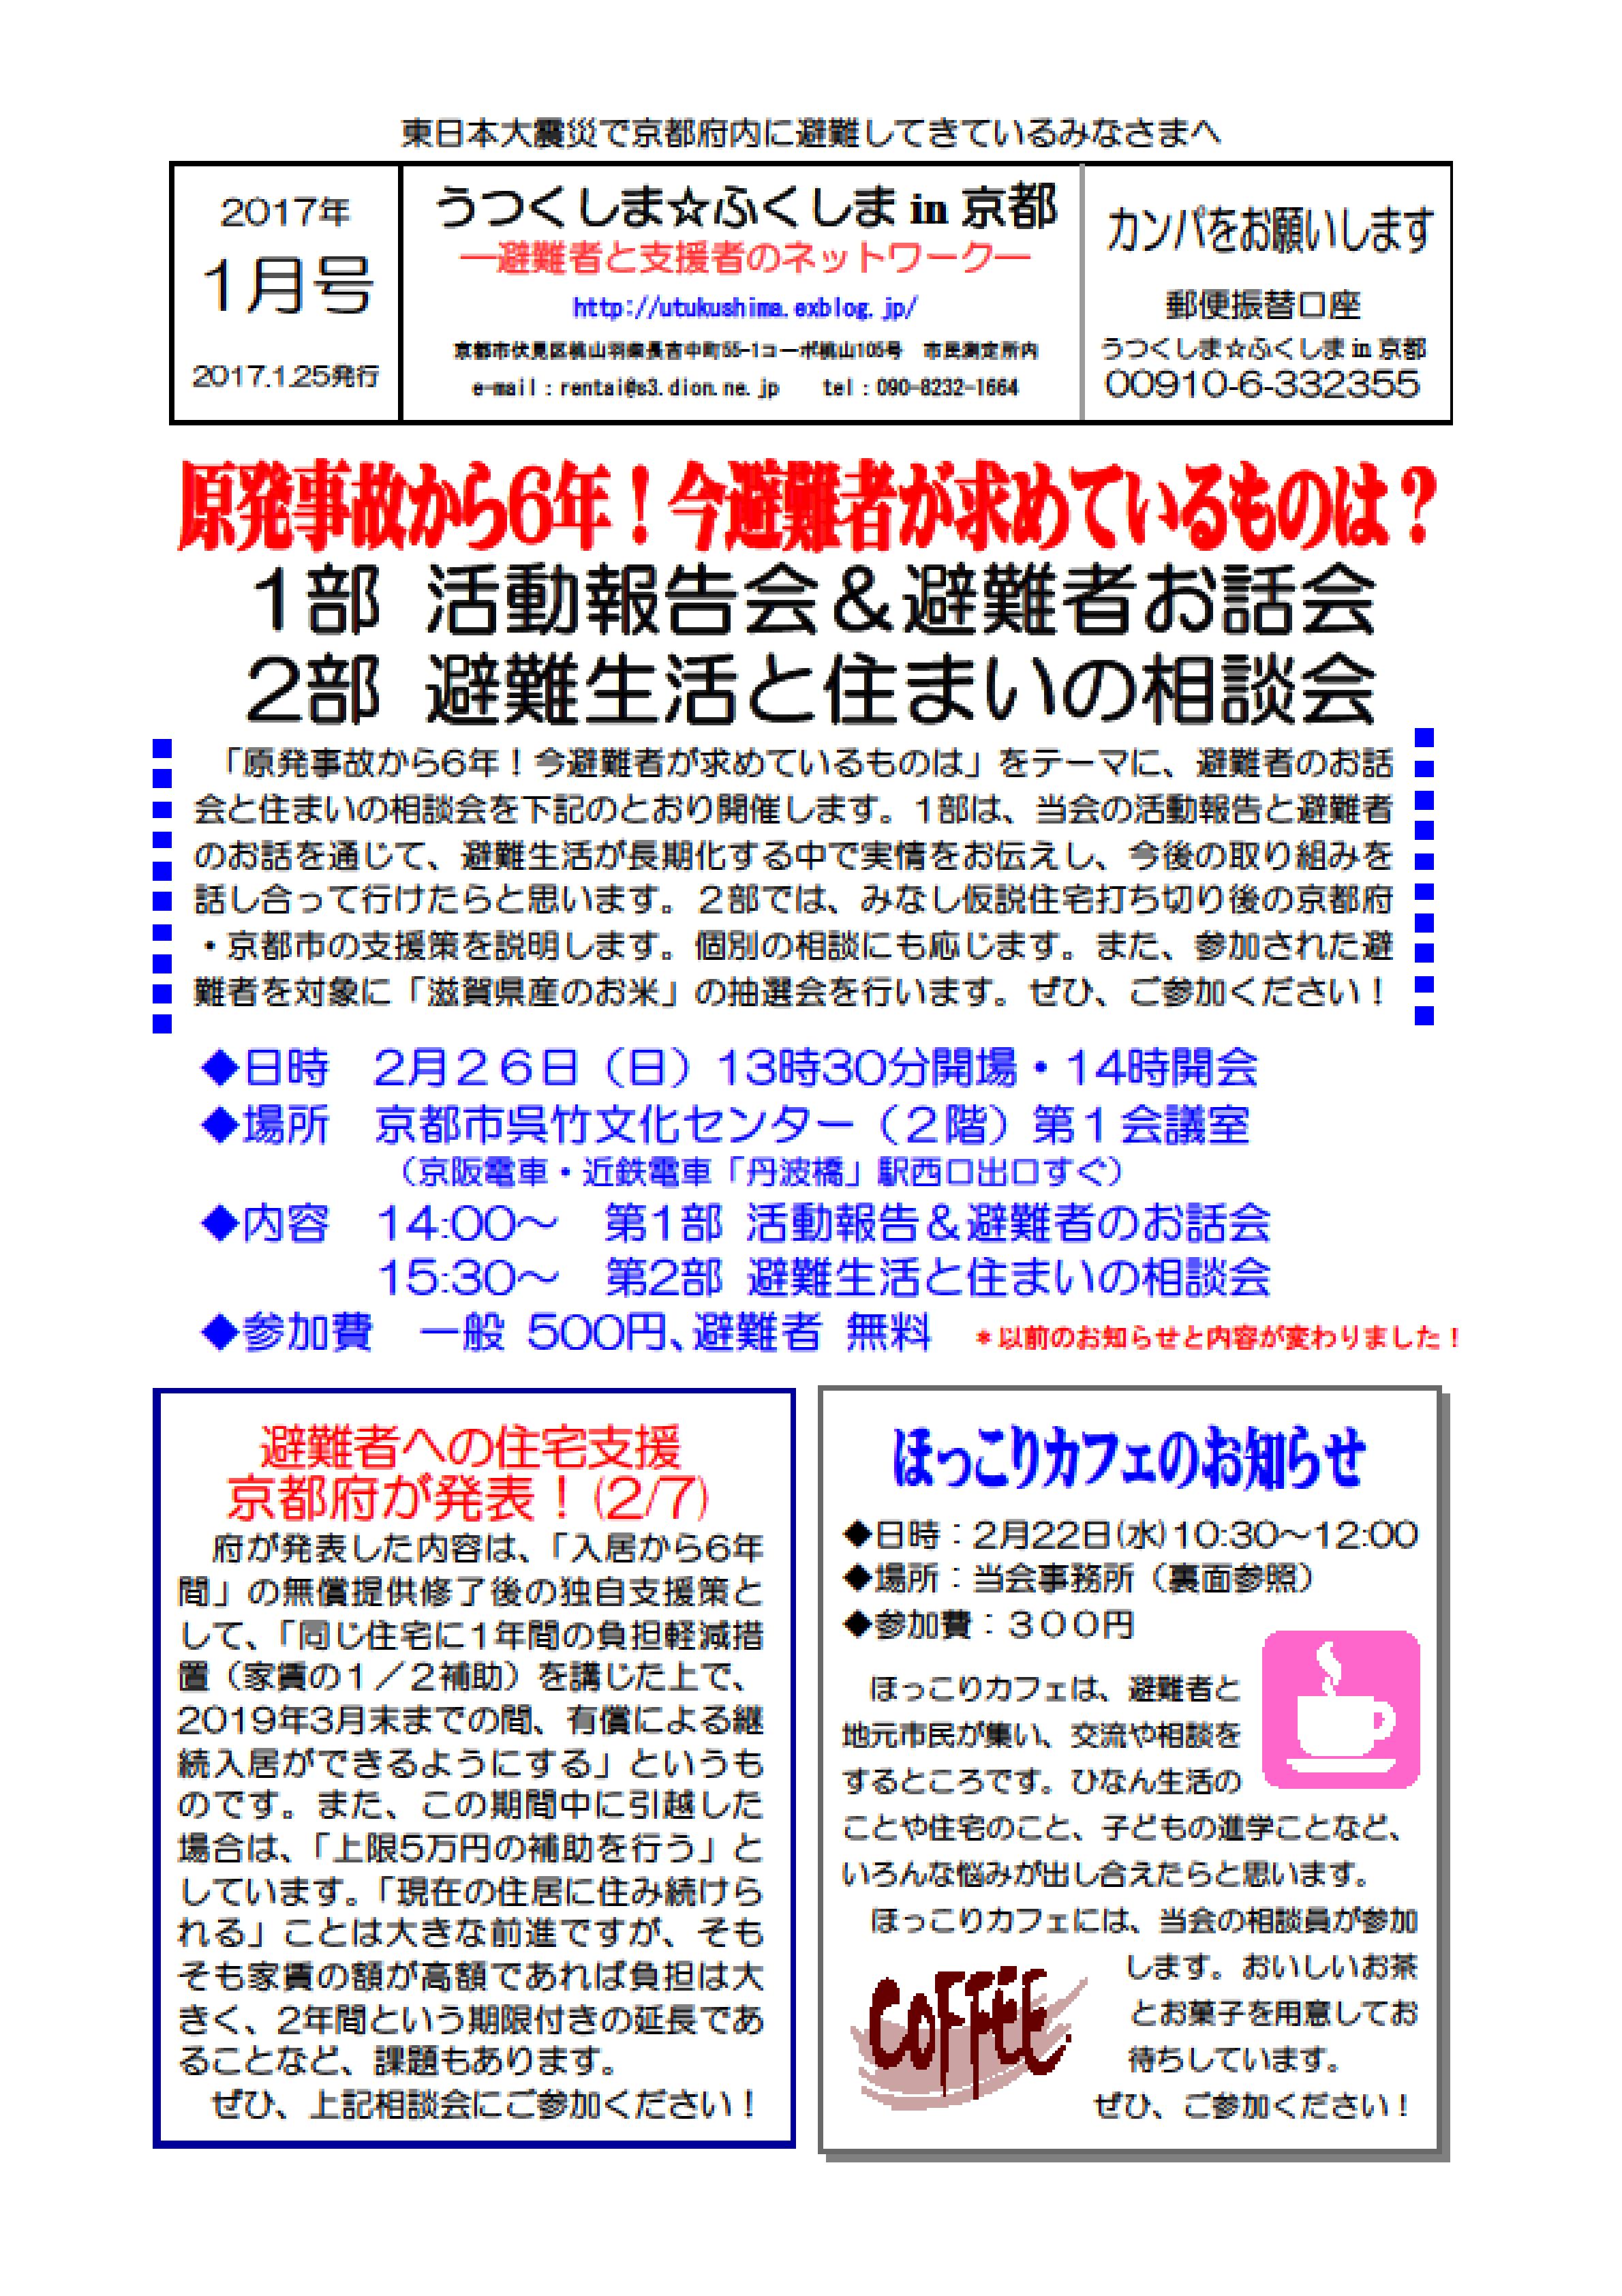 【お知らせ】原発事故から6年 今避難者は何を求めているか?(2月26日午後2時~ 京都市呉竹文化センター会議室)_a0224877_12202221.png